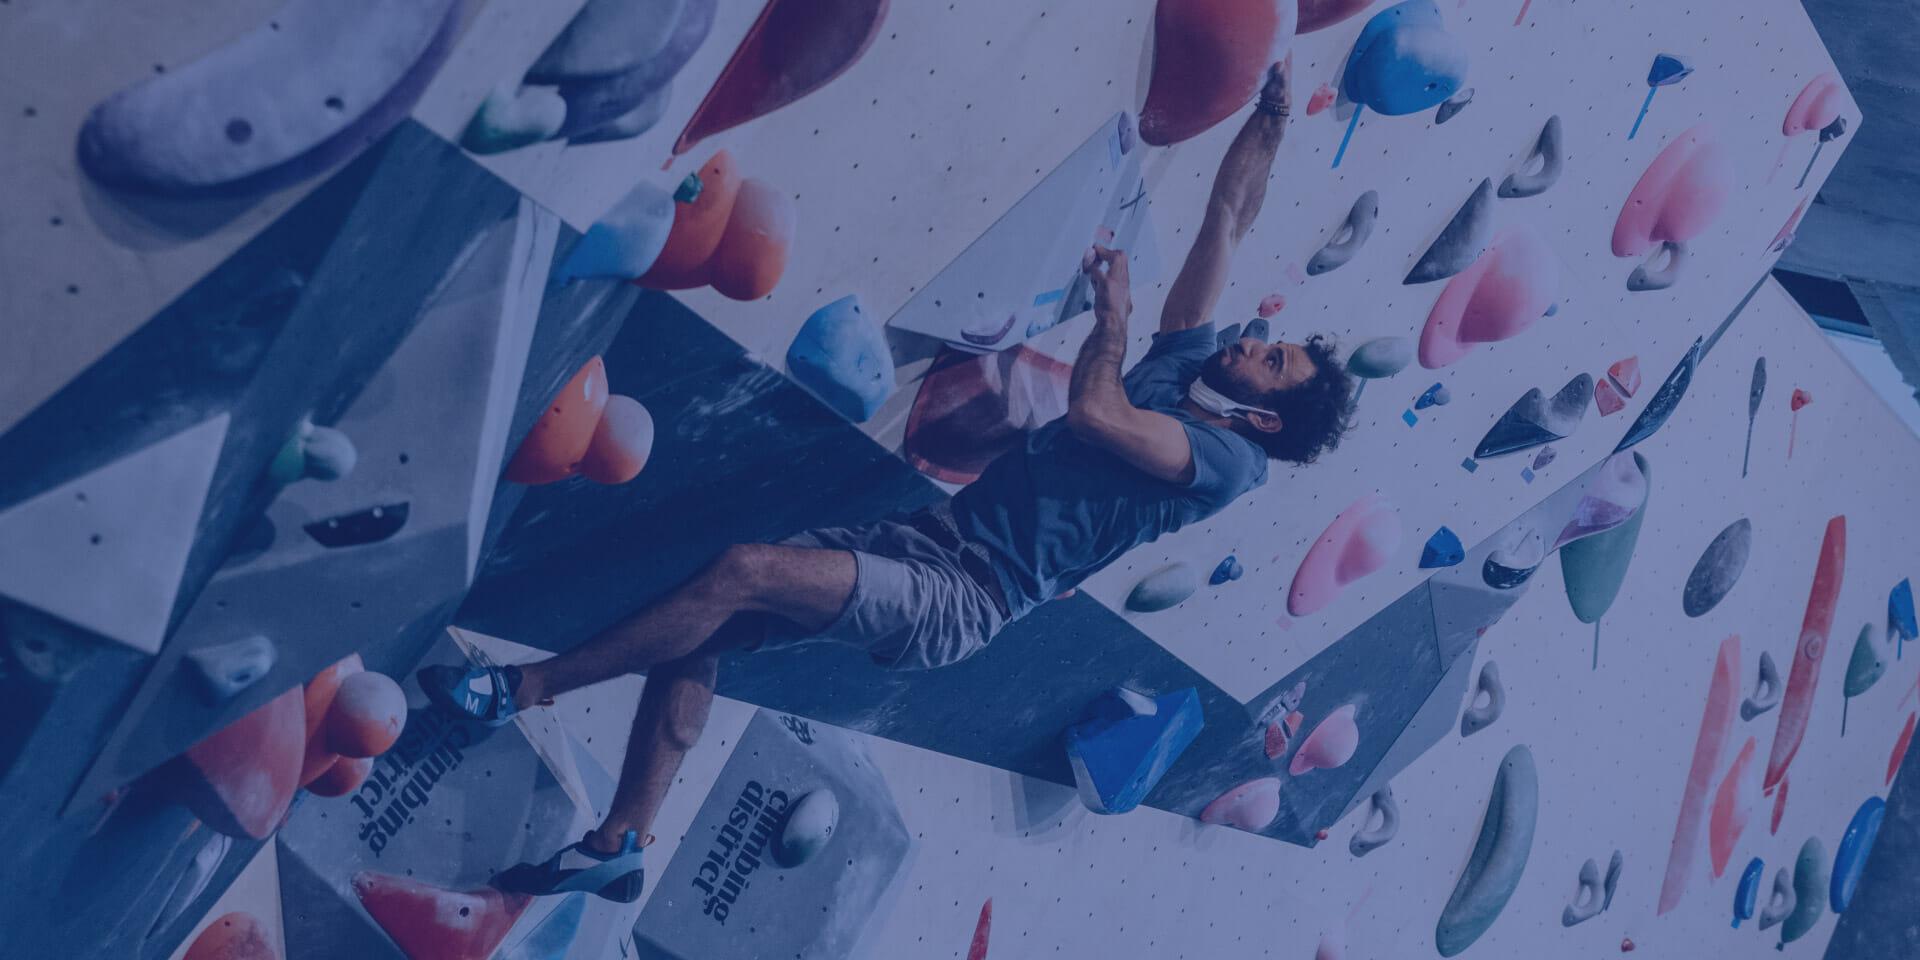 Nouvelle salle d'escalade Climbing District 55, rue de Meaux Paris 19e